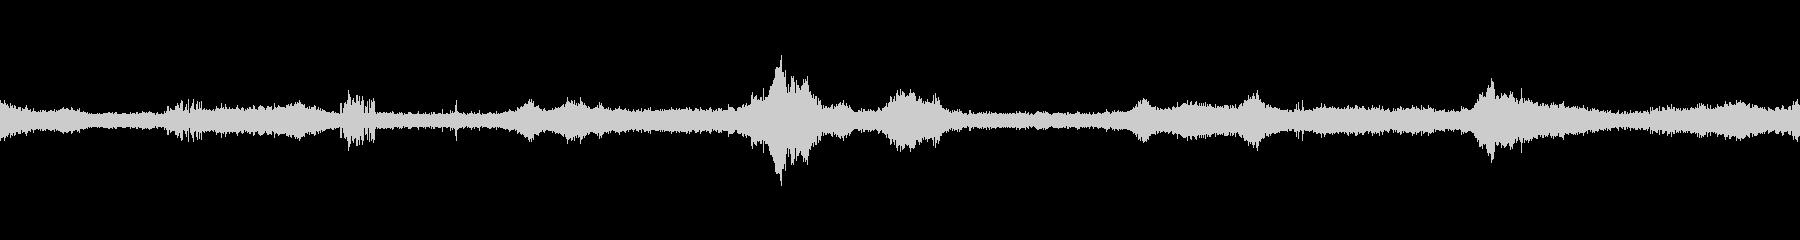 蝉の声、鳥の声、トラックの音などの未再生の波形